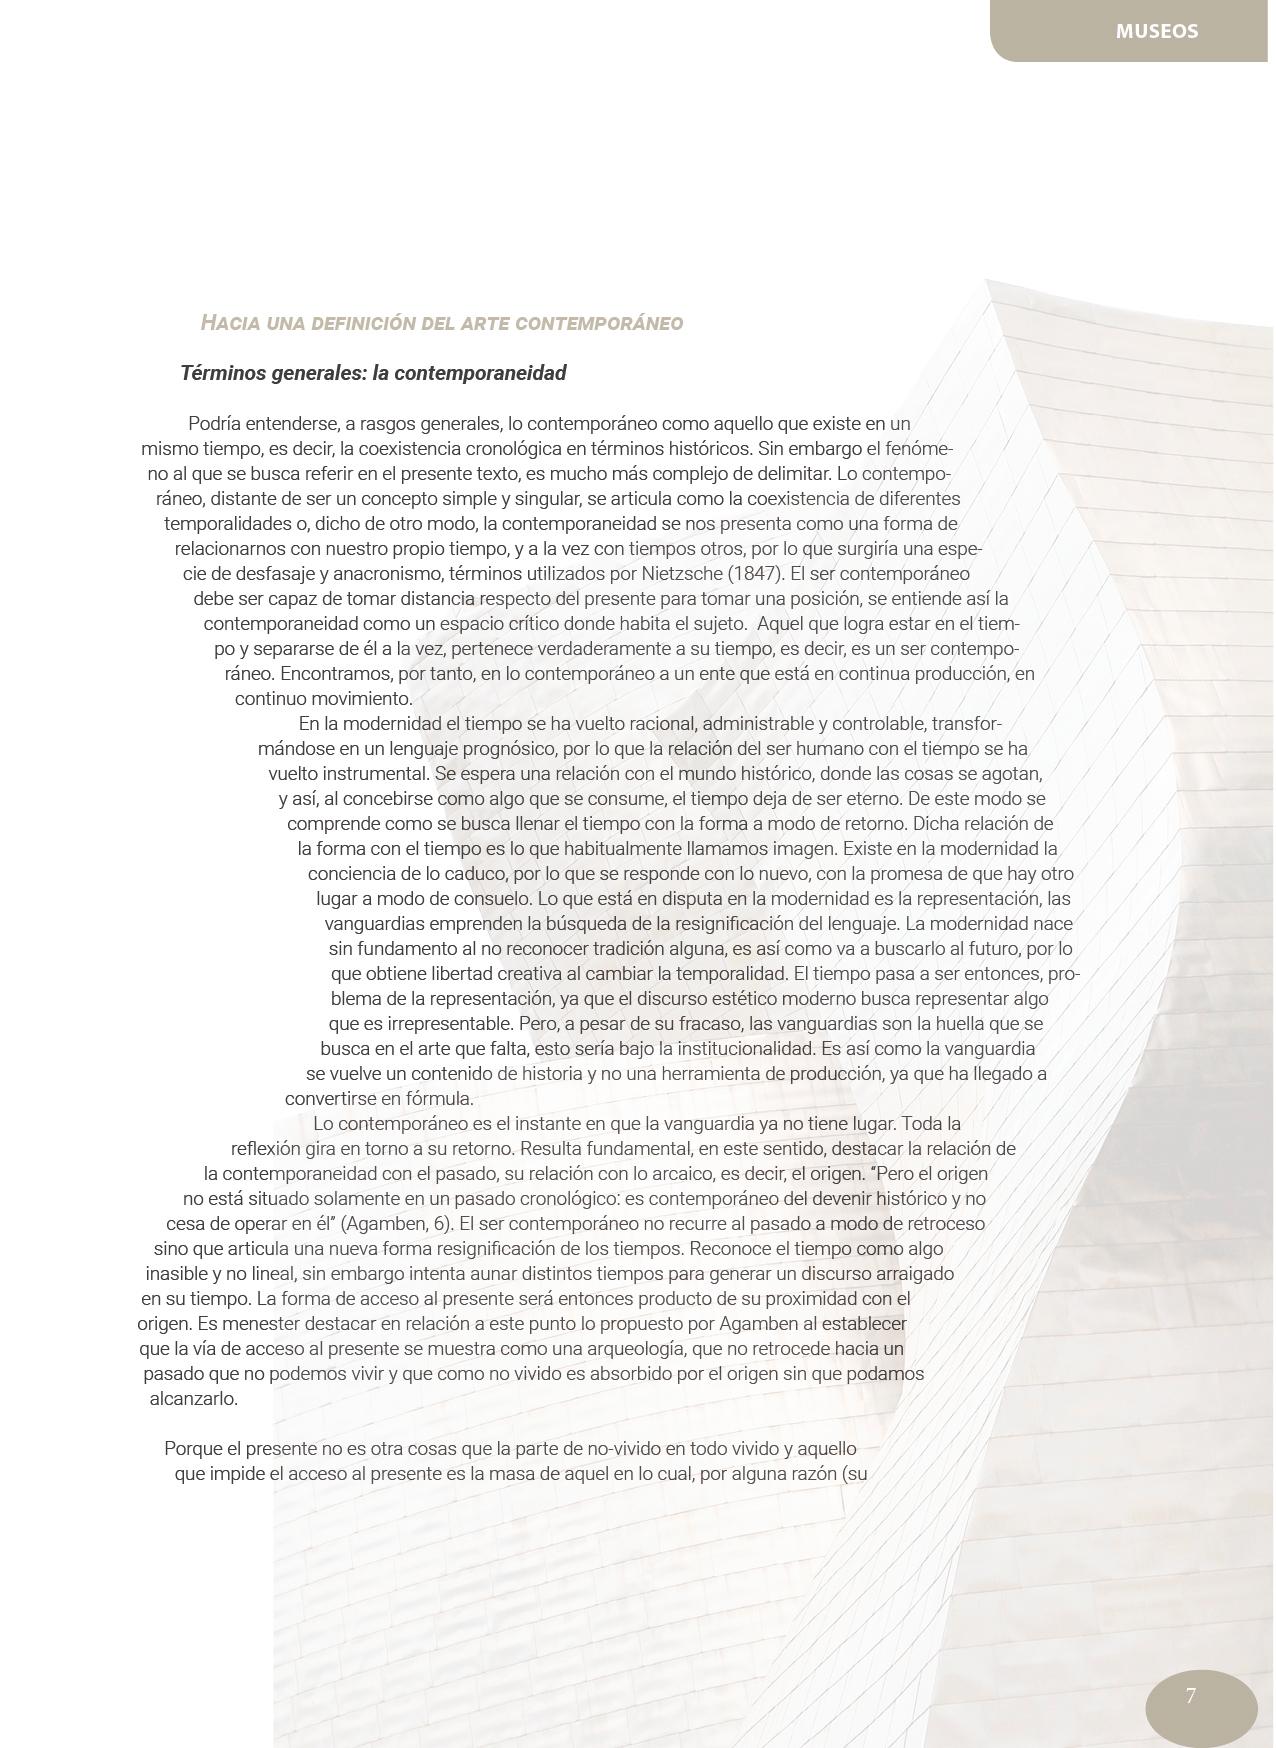 EL-CONTINENTE-SE-VUELVE-CONTENIDO-pag-7